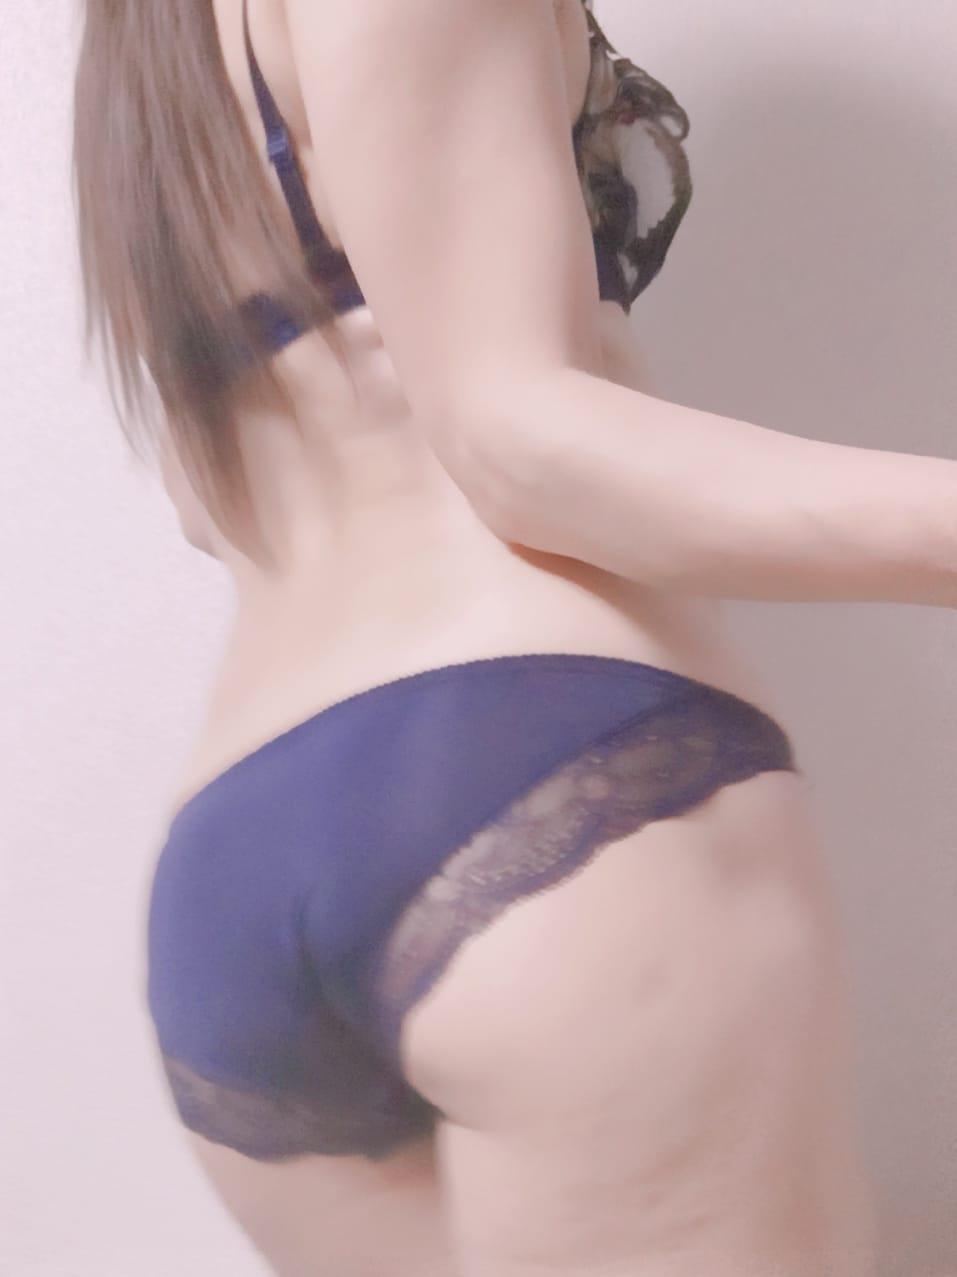 ひとみ「お礼です(*´꒳`*)」11/23(木) 07:46 | ひとみの写メ・風俗動画